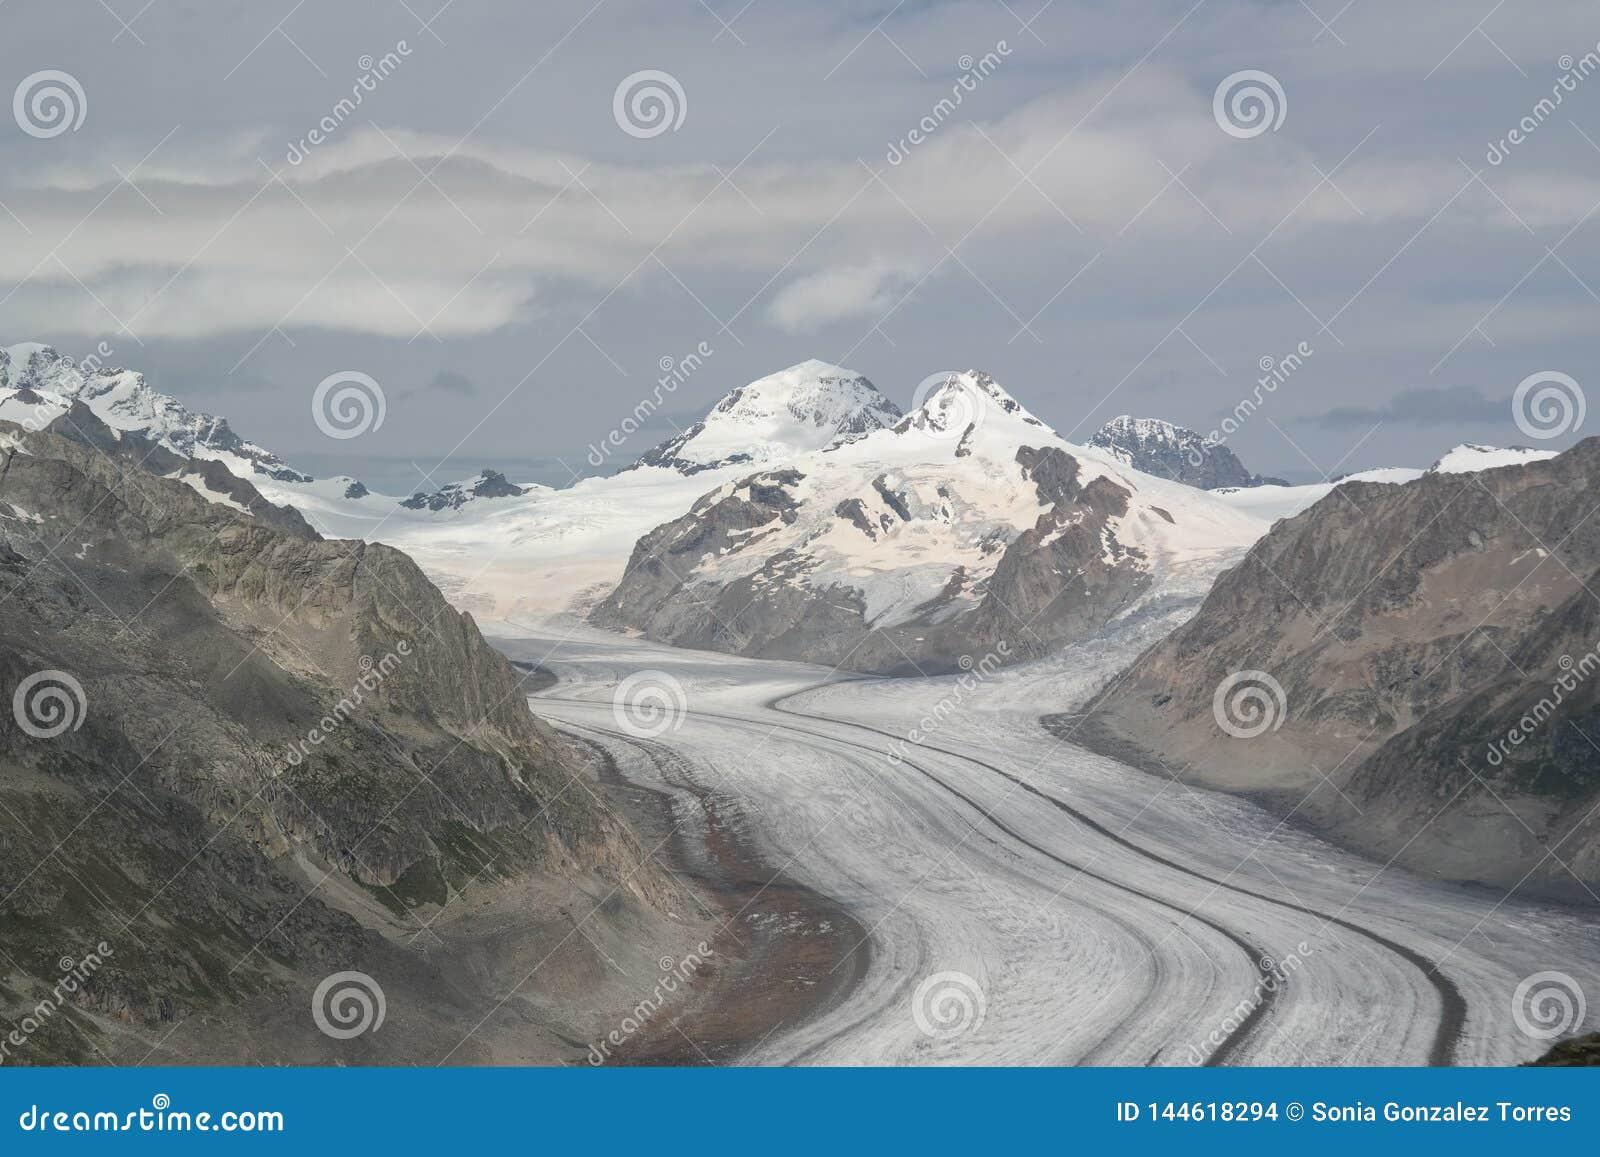 The fantastic Aletsch glacier.